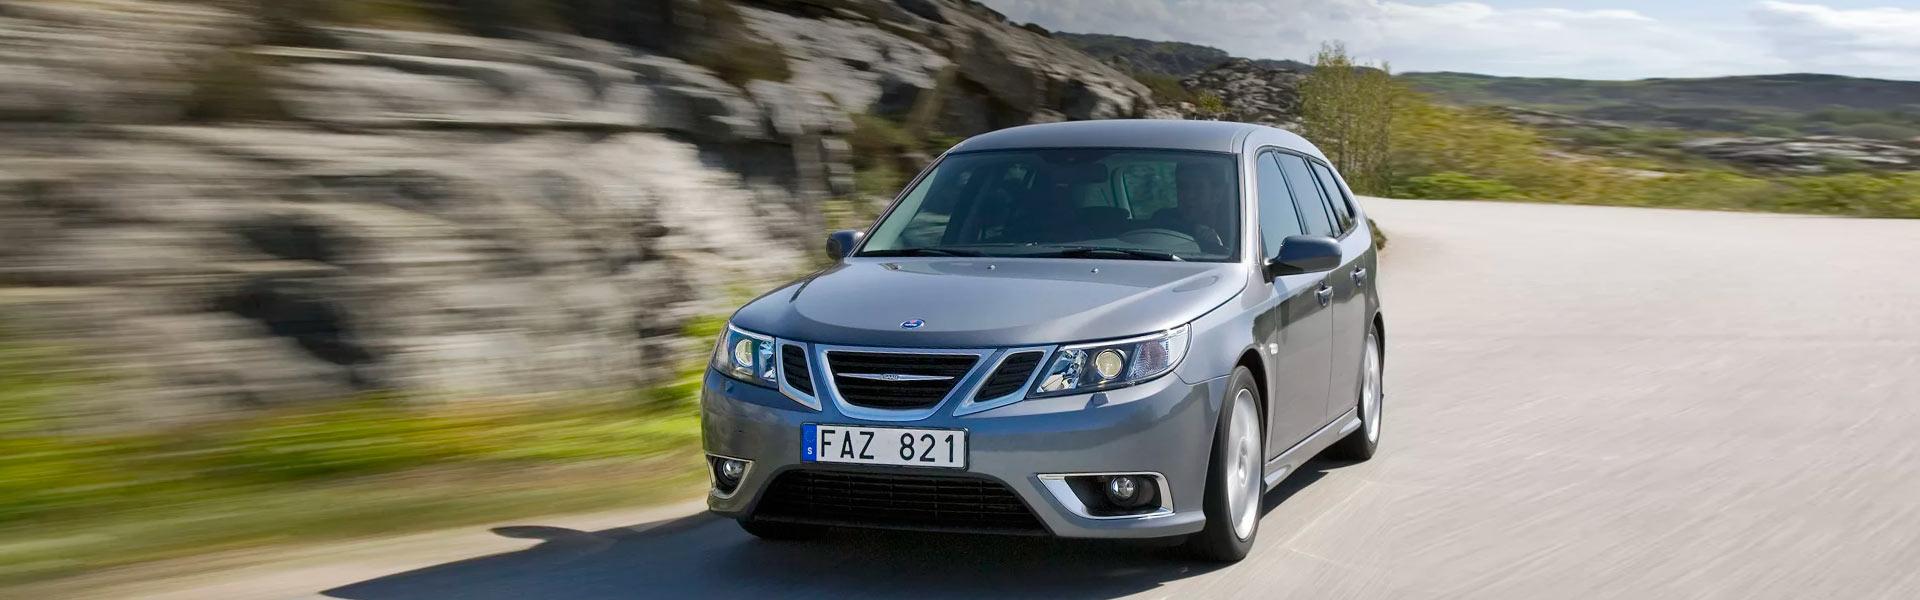 Кузовной ремонт Saab